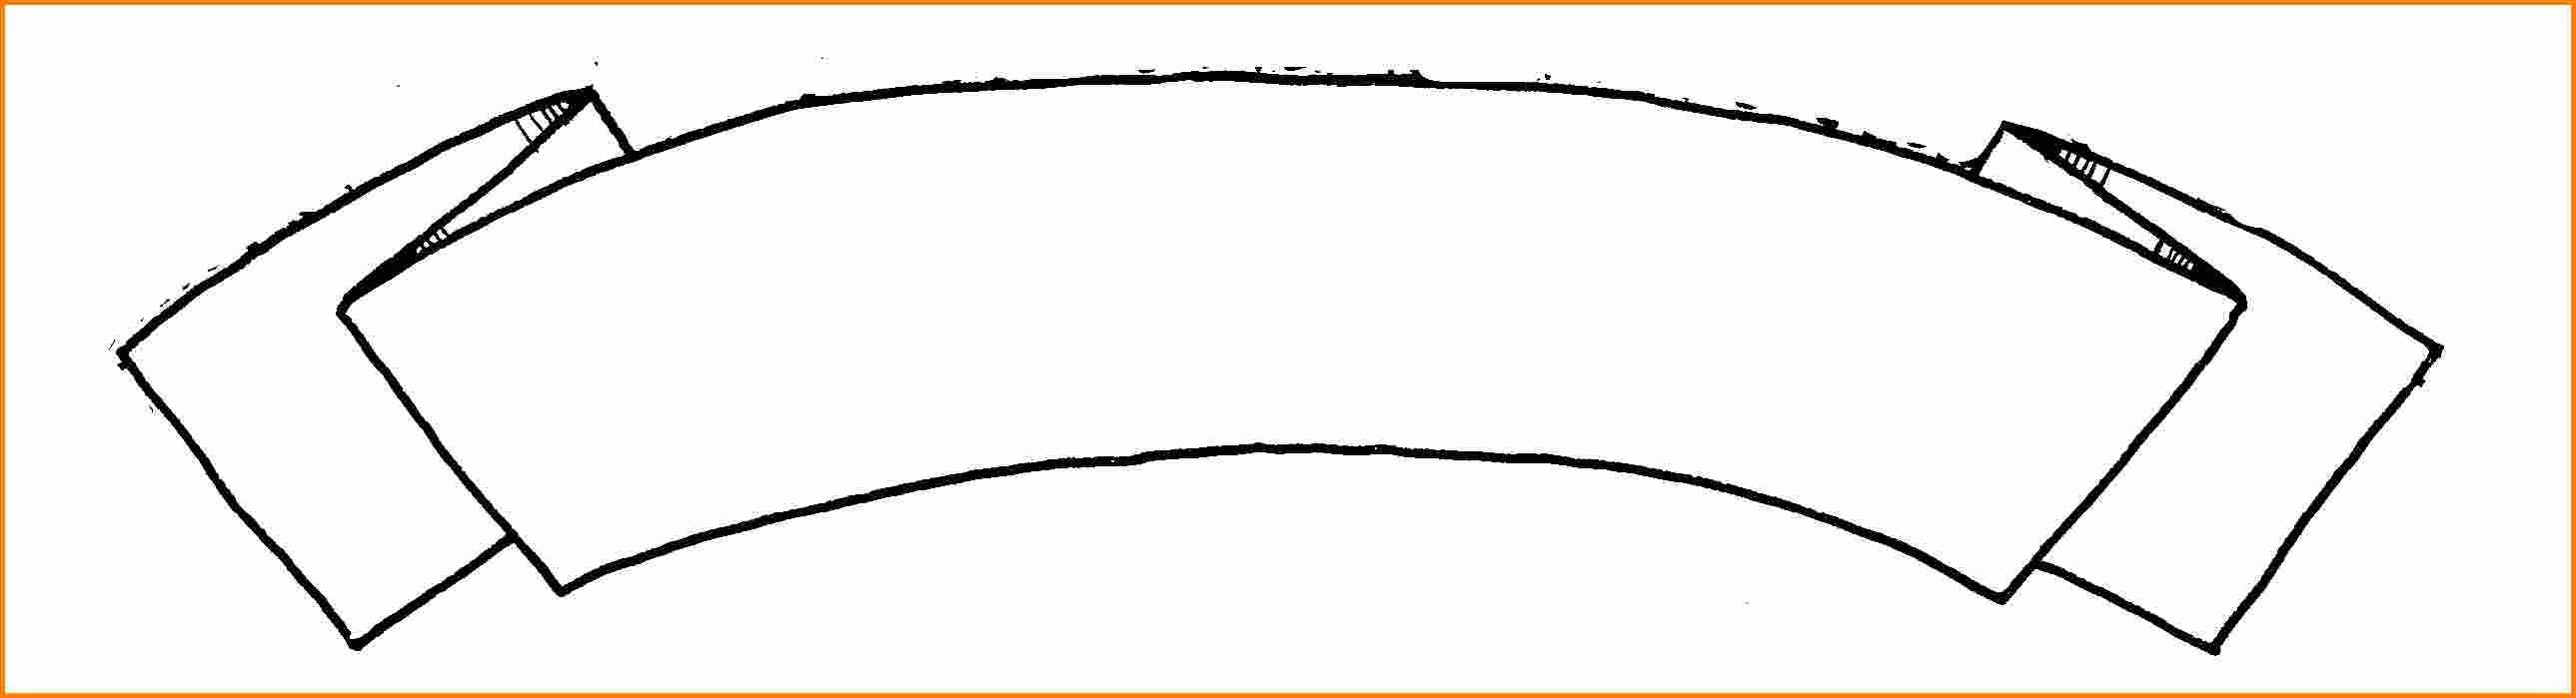 Banner Templates For Word - Tutlin.psstech.co - Free Printable Banner Templates For Word